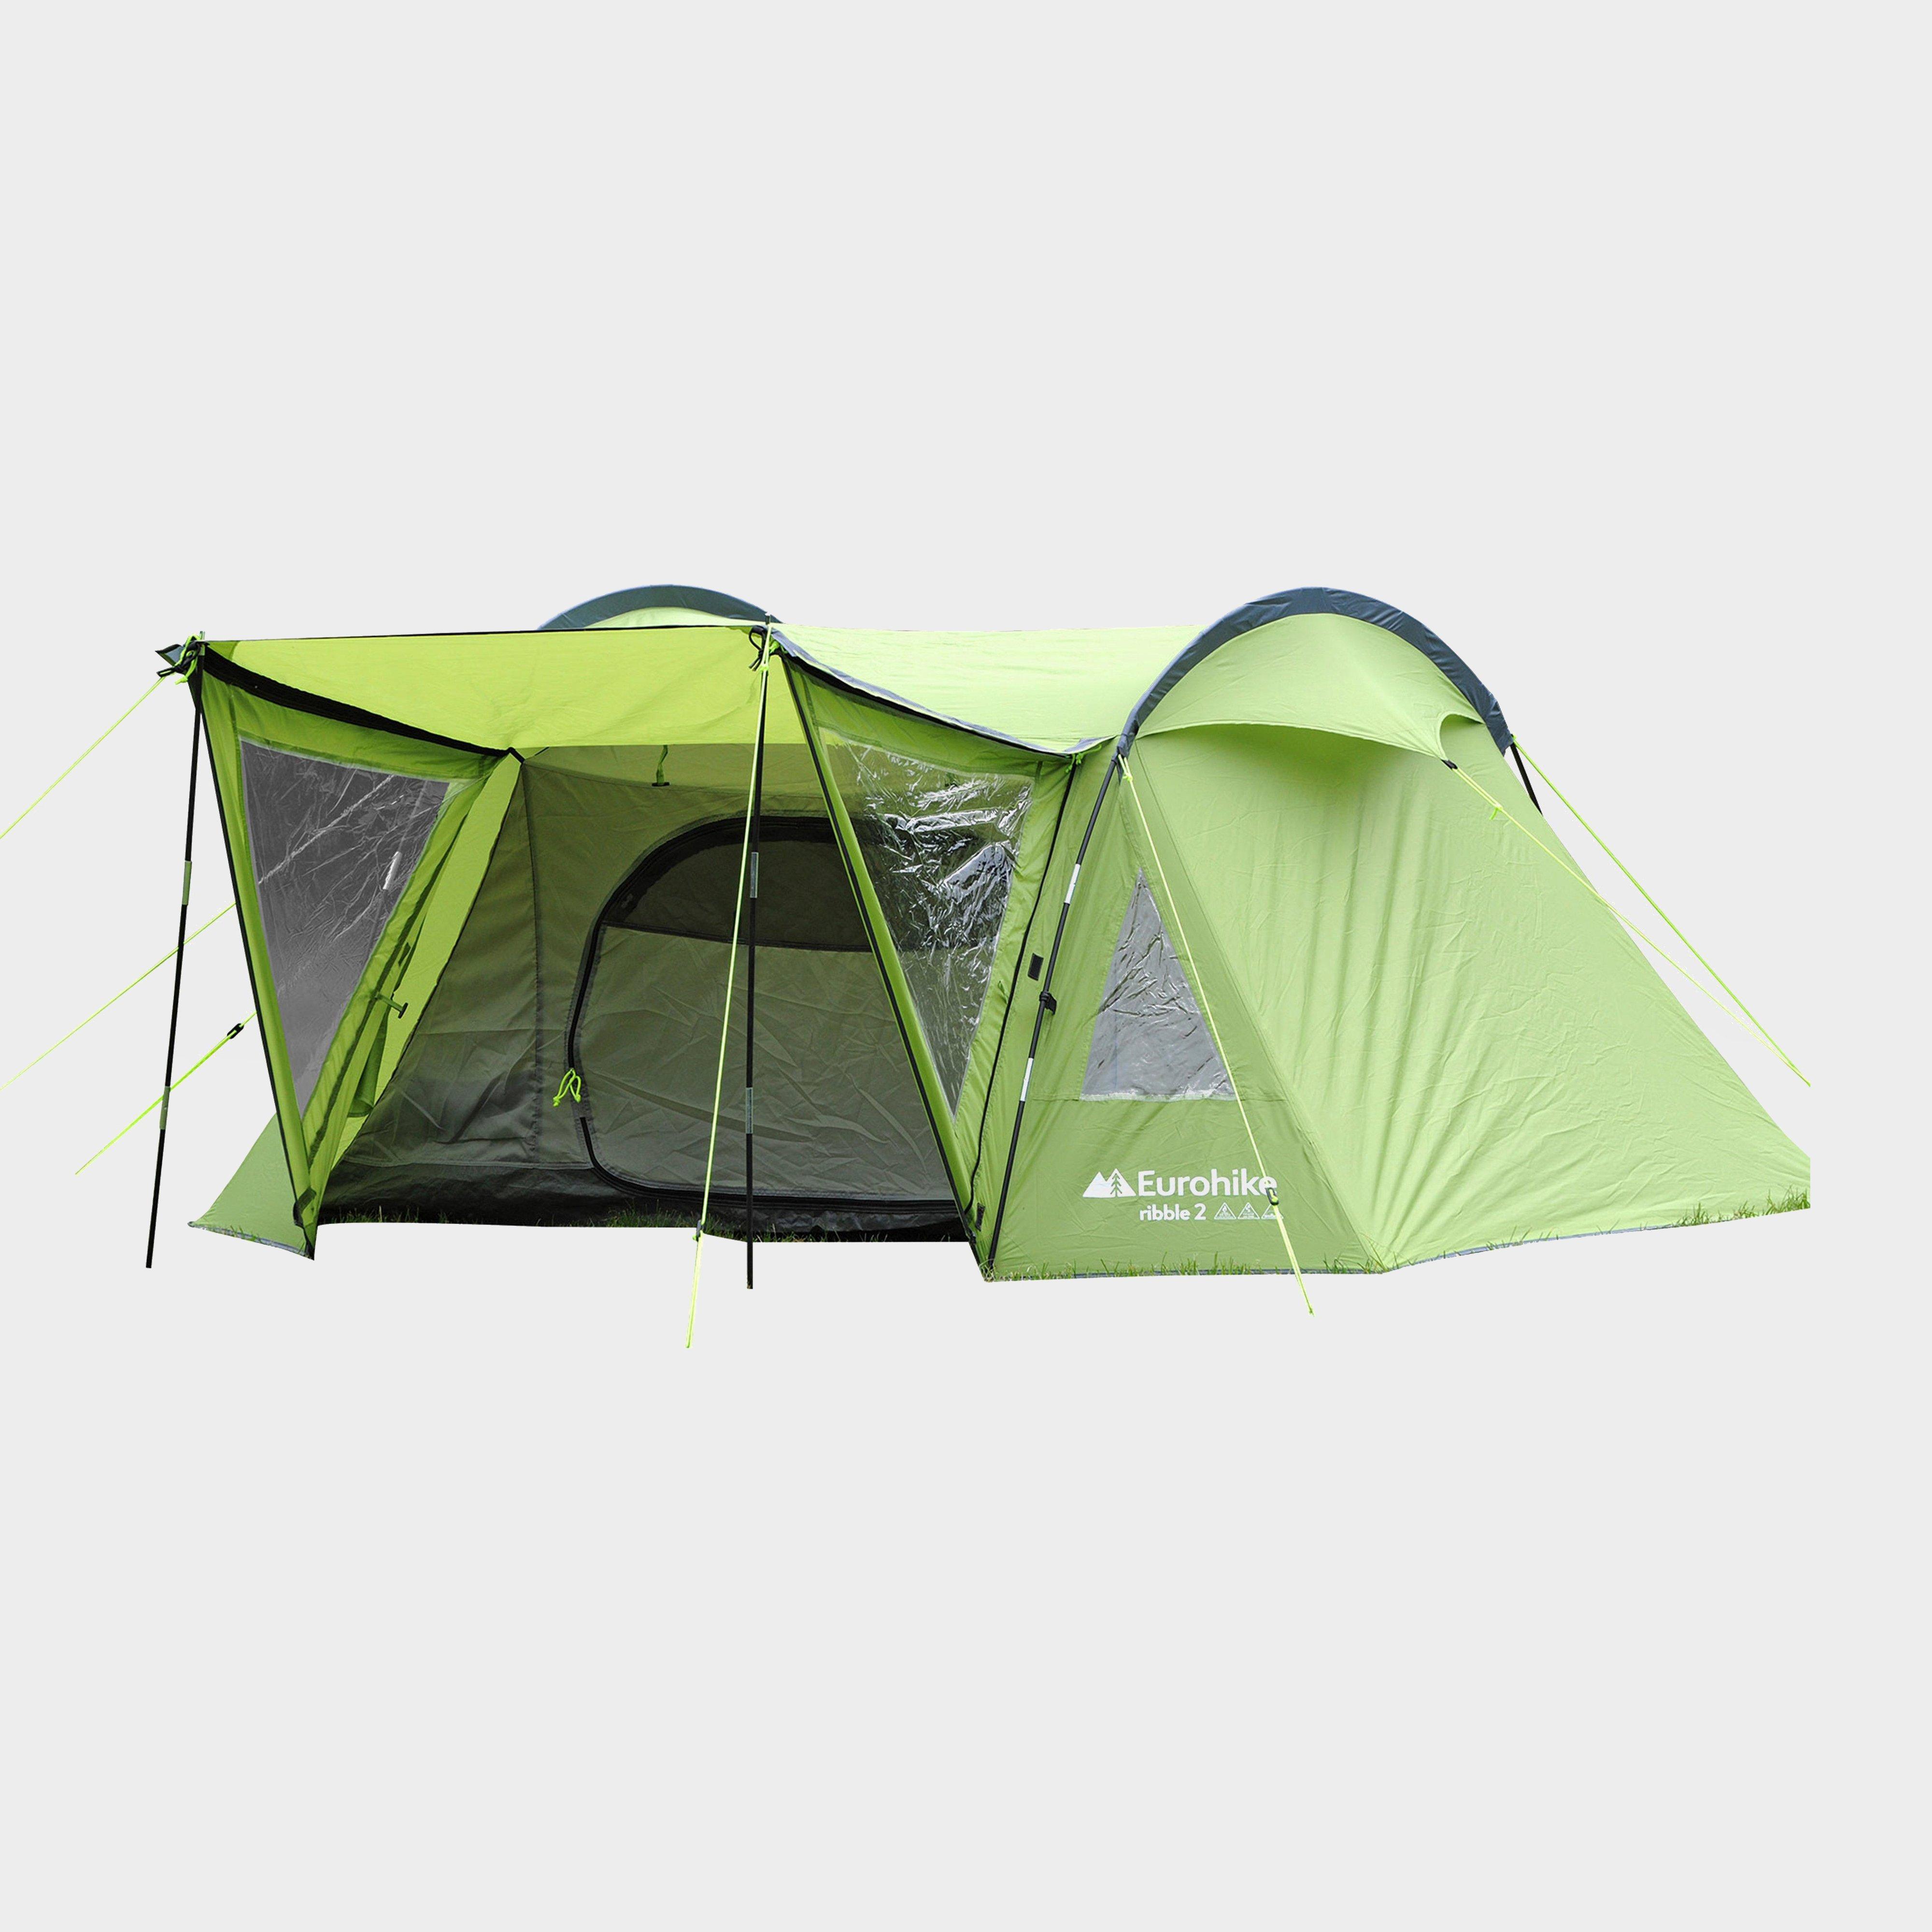 Millets & 2 Man Tent | 2 Person Tents | Millets